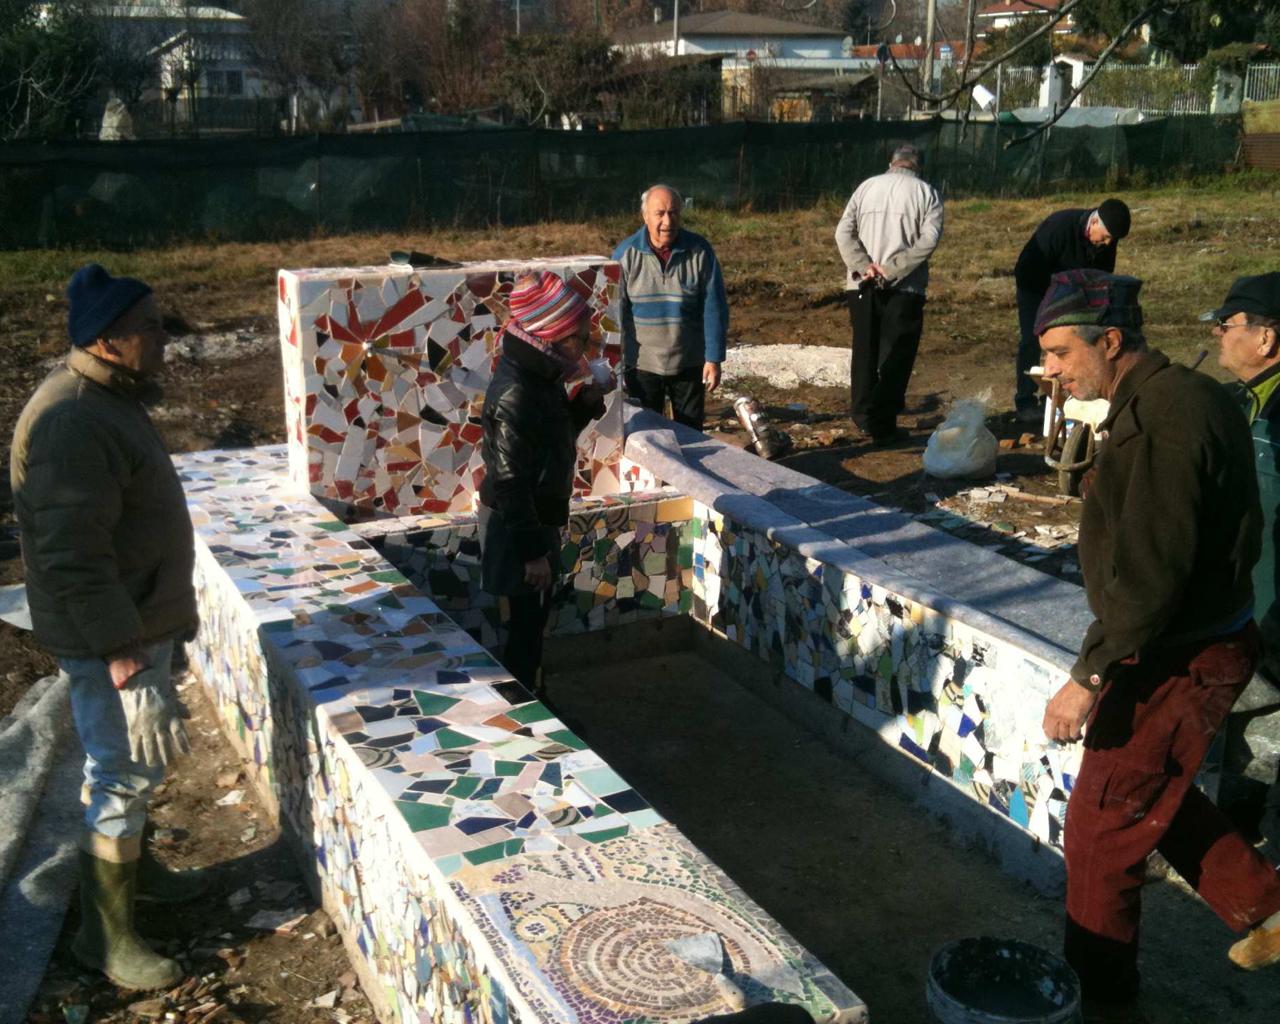 La fontana - Giardino degli orti